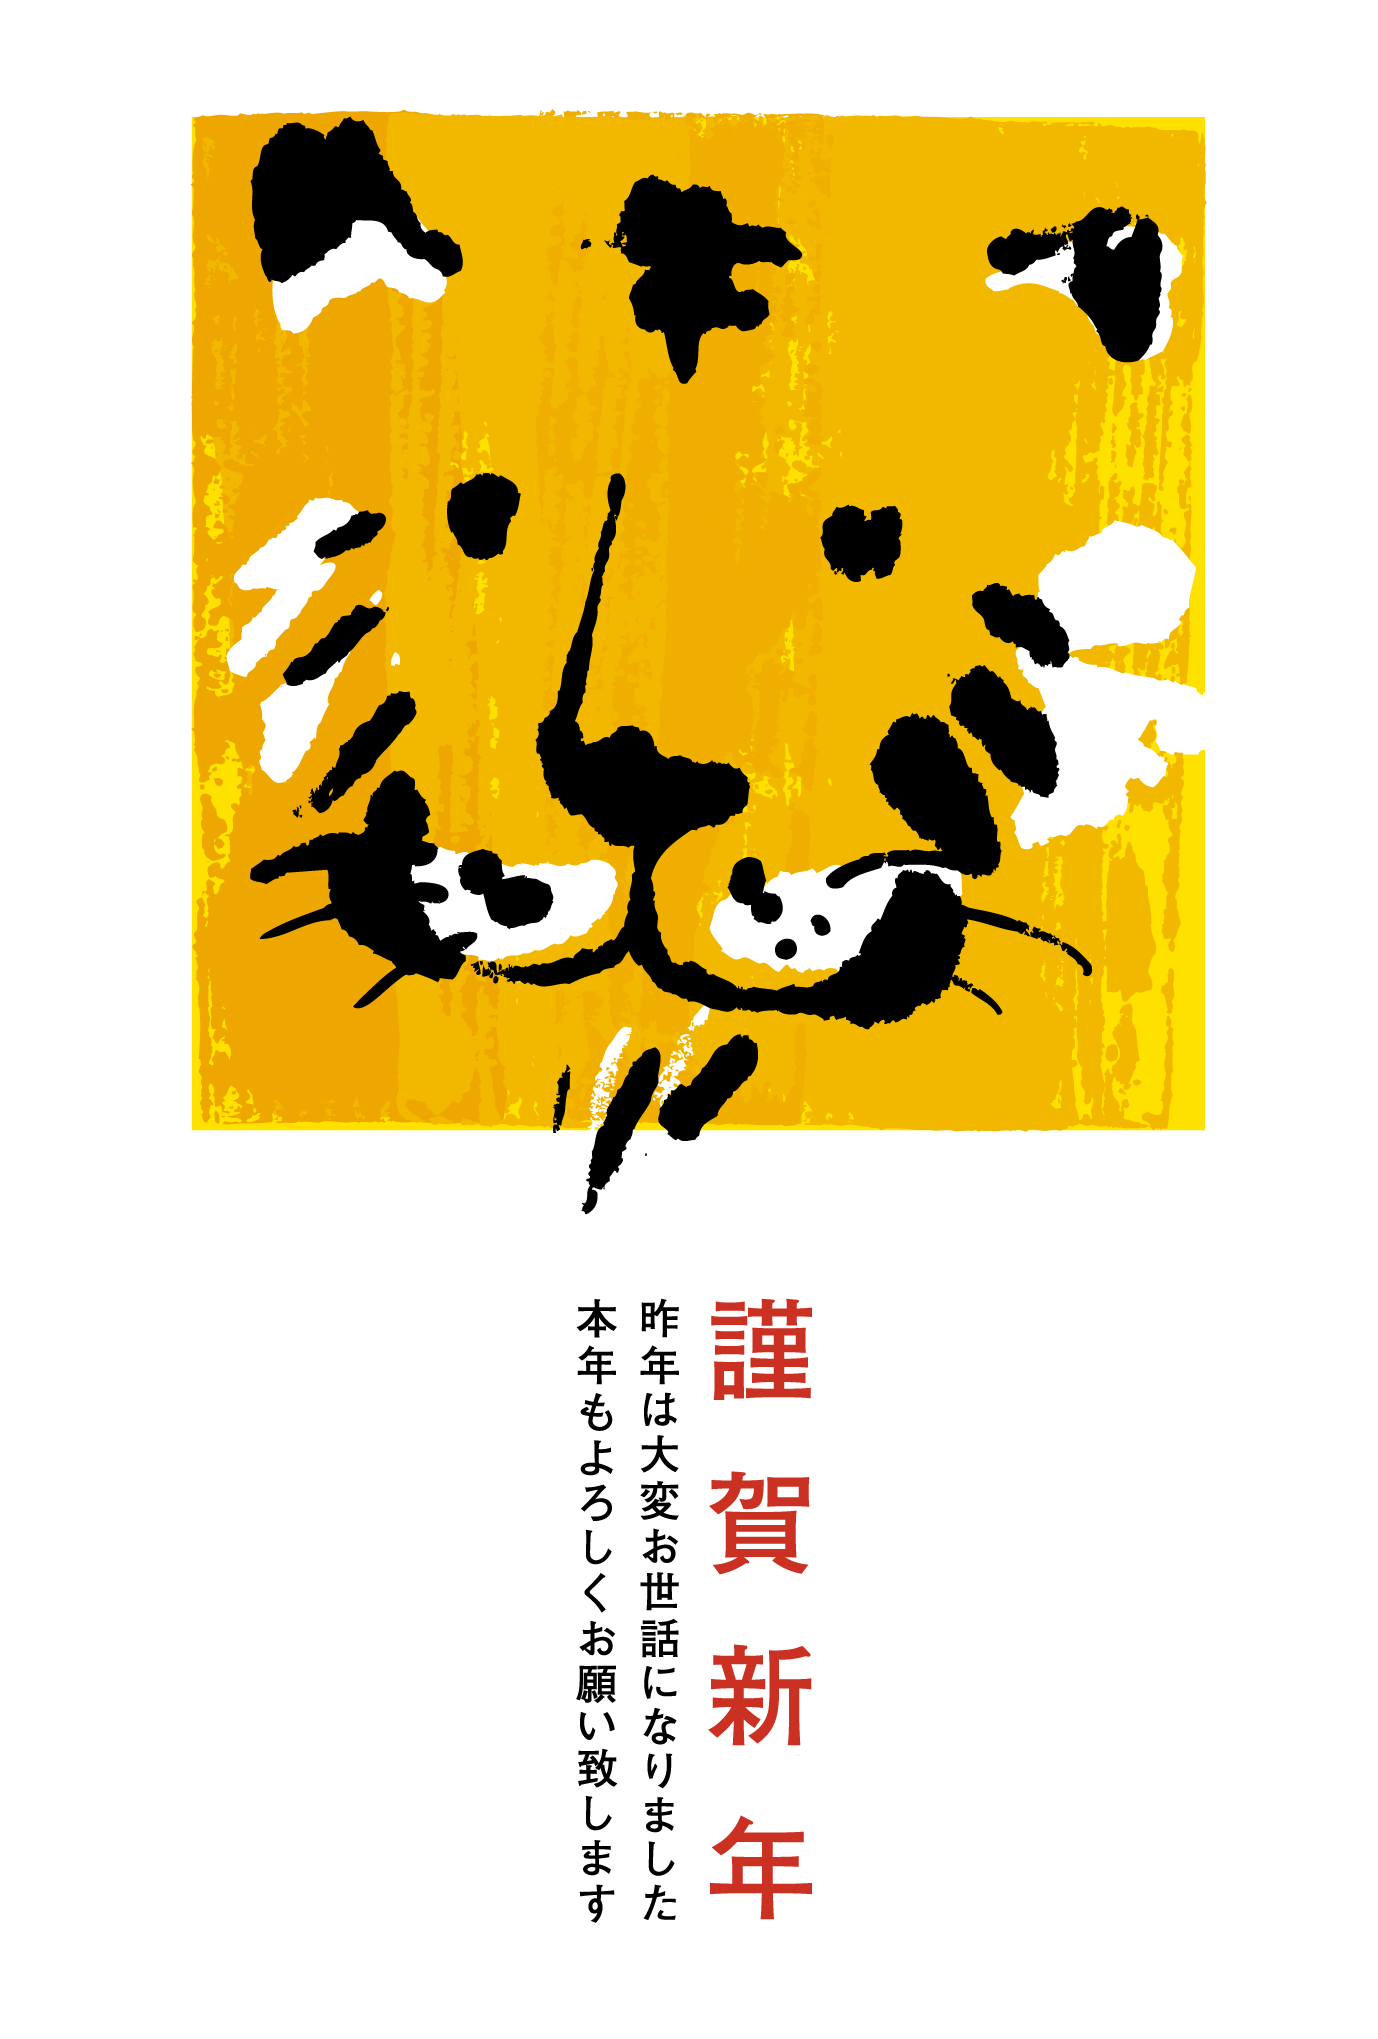 2010年賀状29:謹賀新年 / 1のダウンロード画像